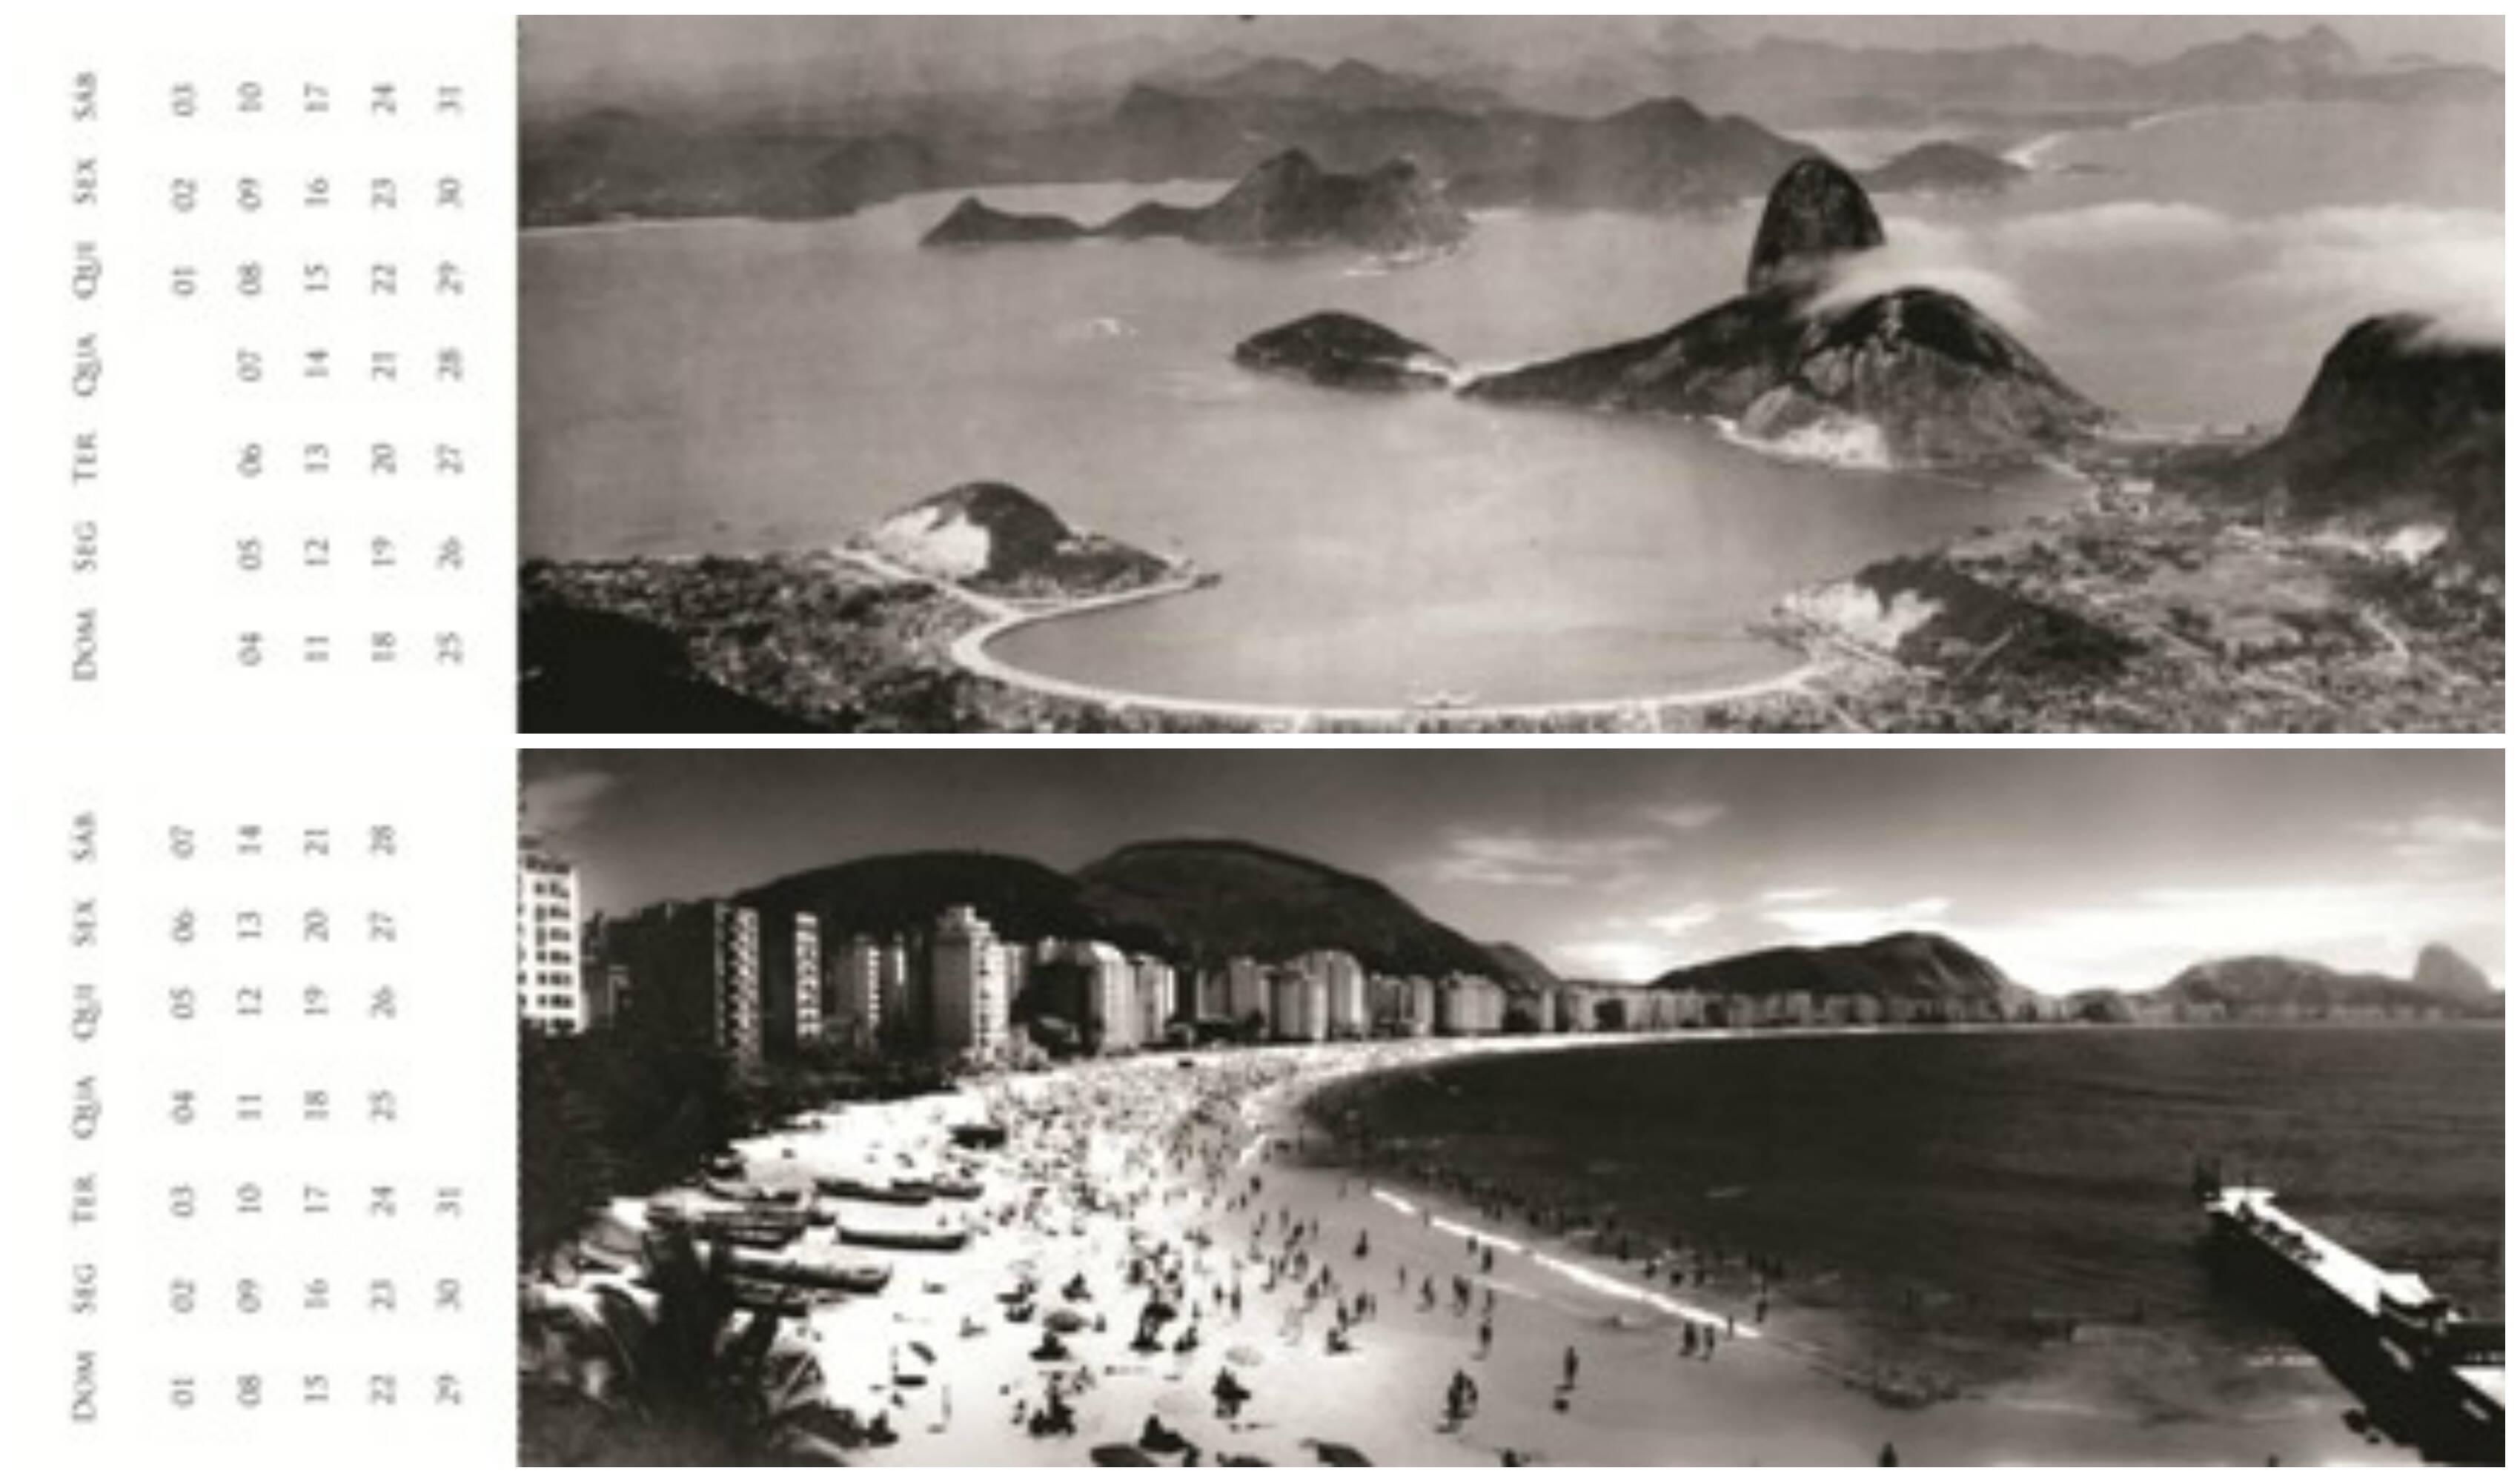 Os meses de janeiro e março em fotos do Rio Antigo, no calendário/marcador do Arquivo Geral do Rio de Janeiro / Foto: divulgação